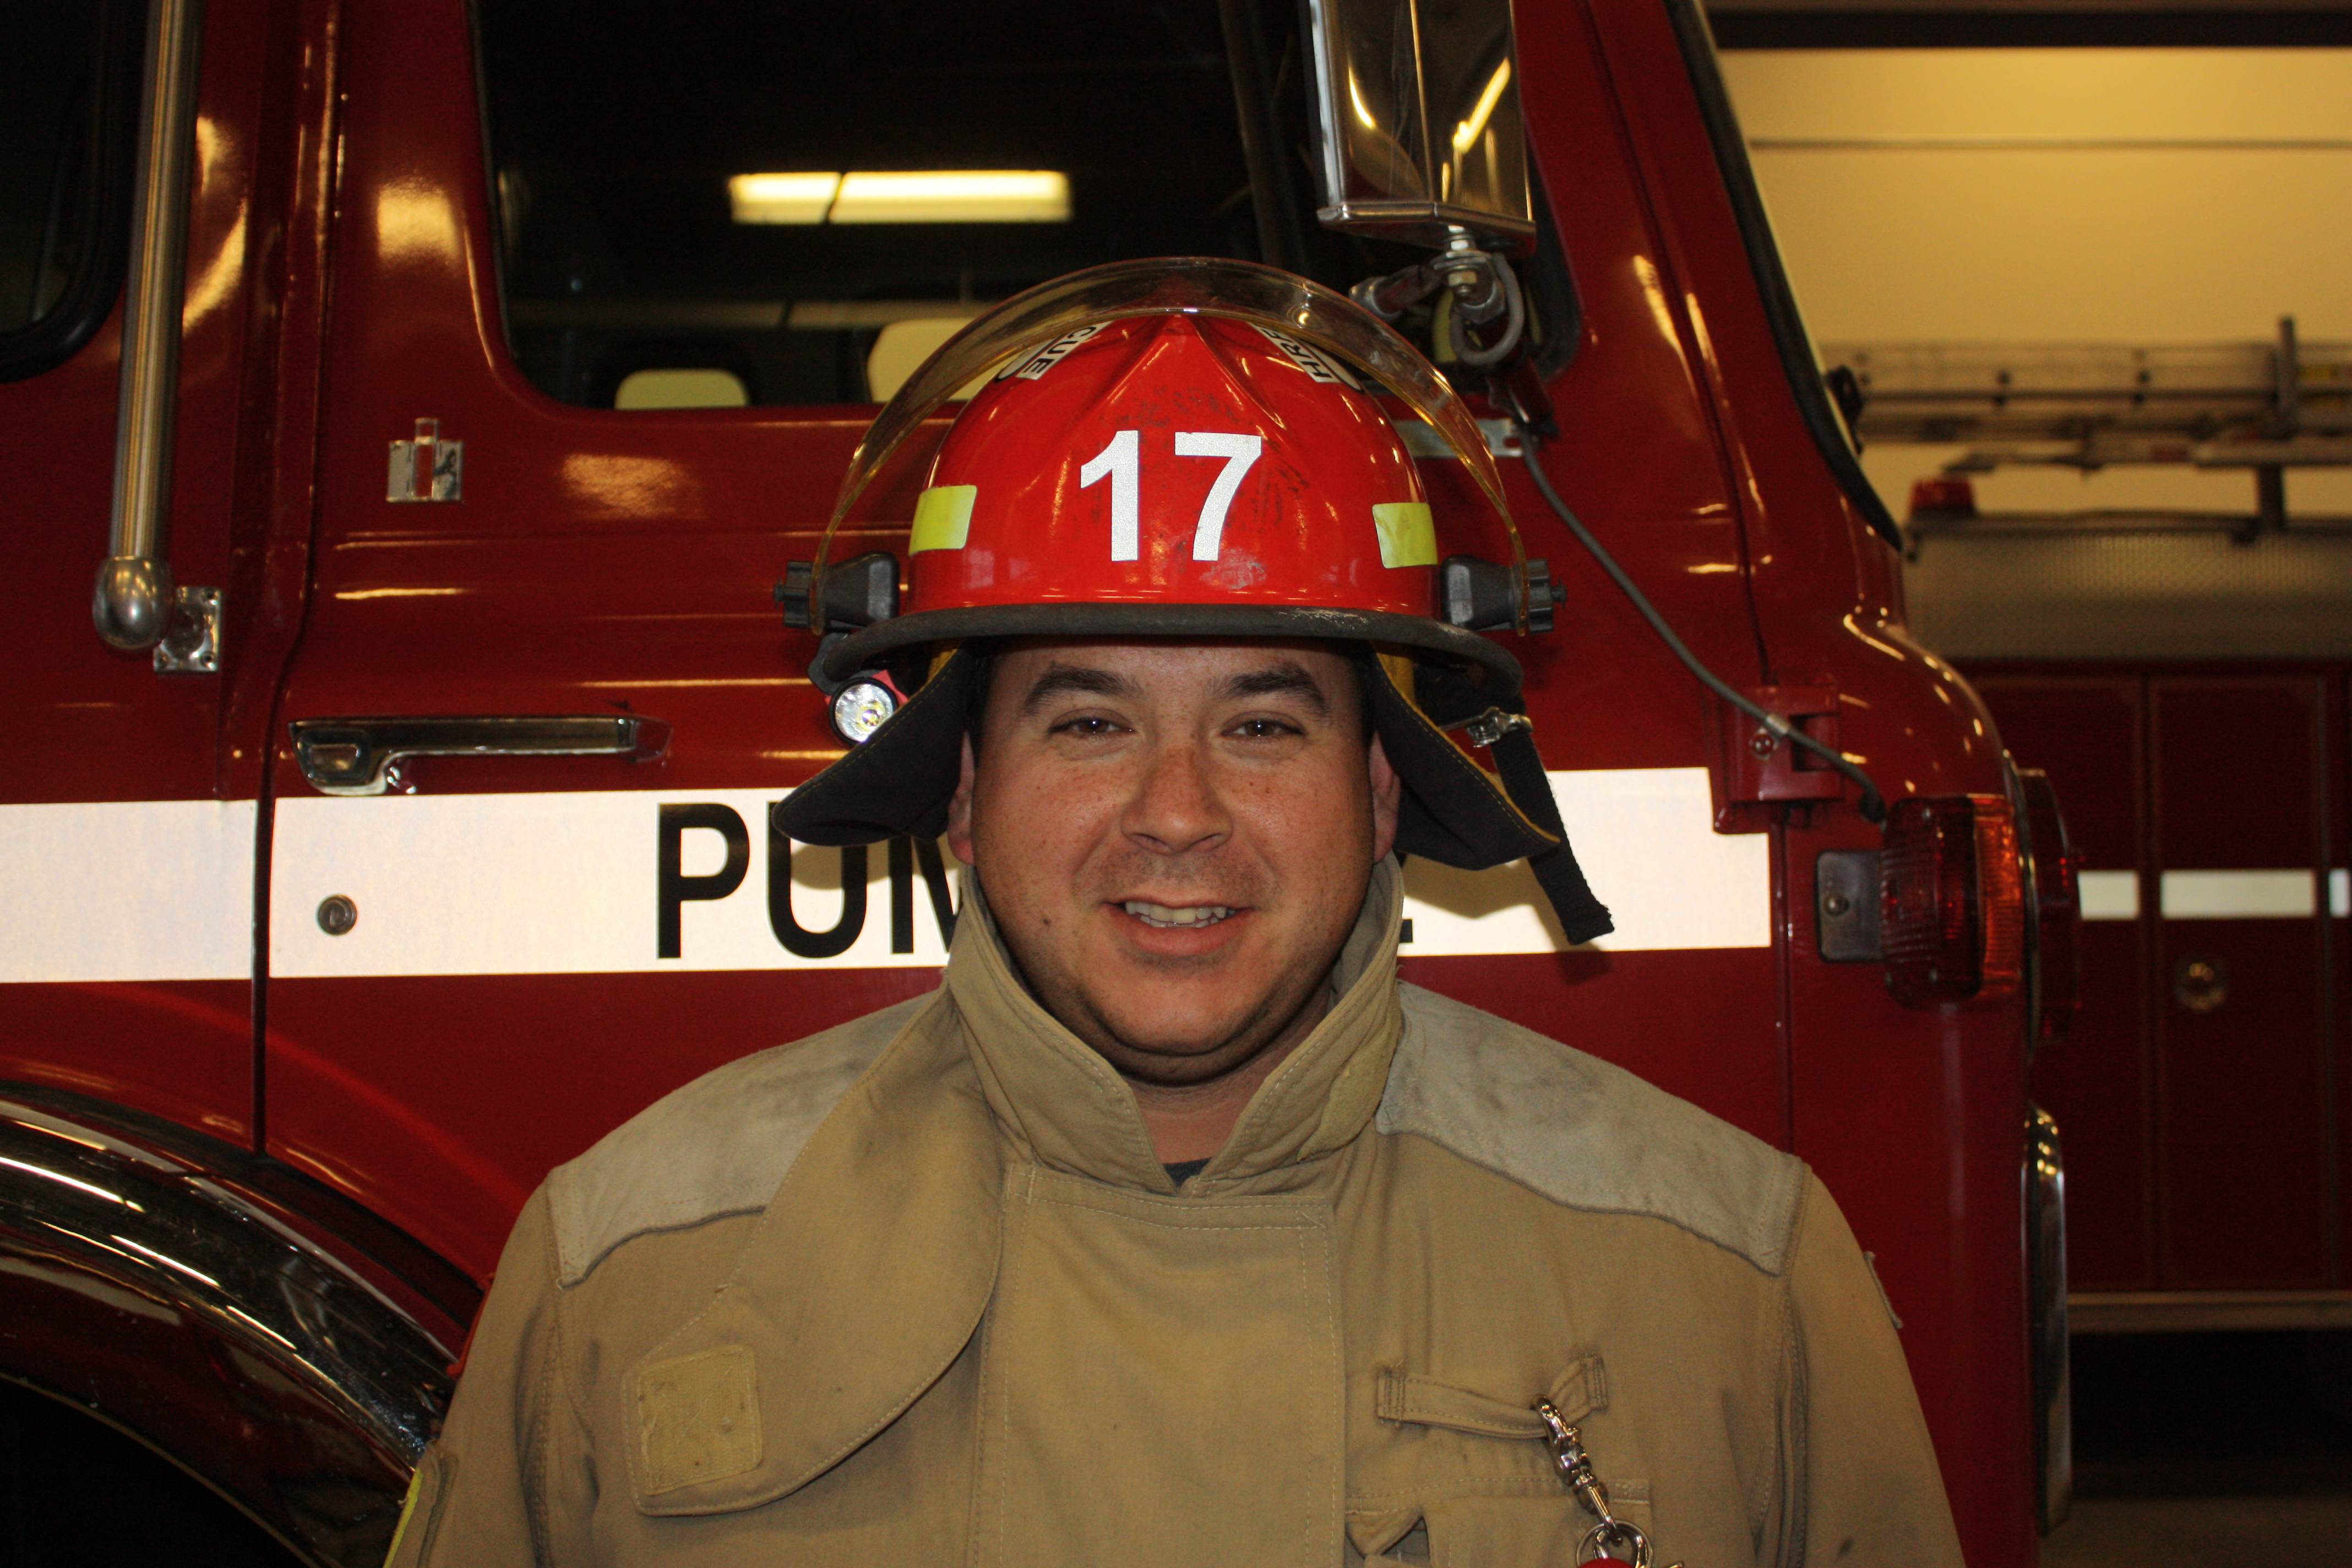 Firefighter 17